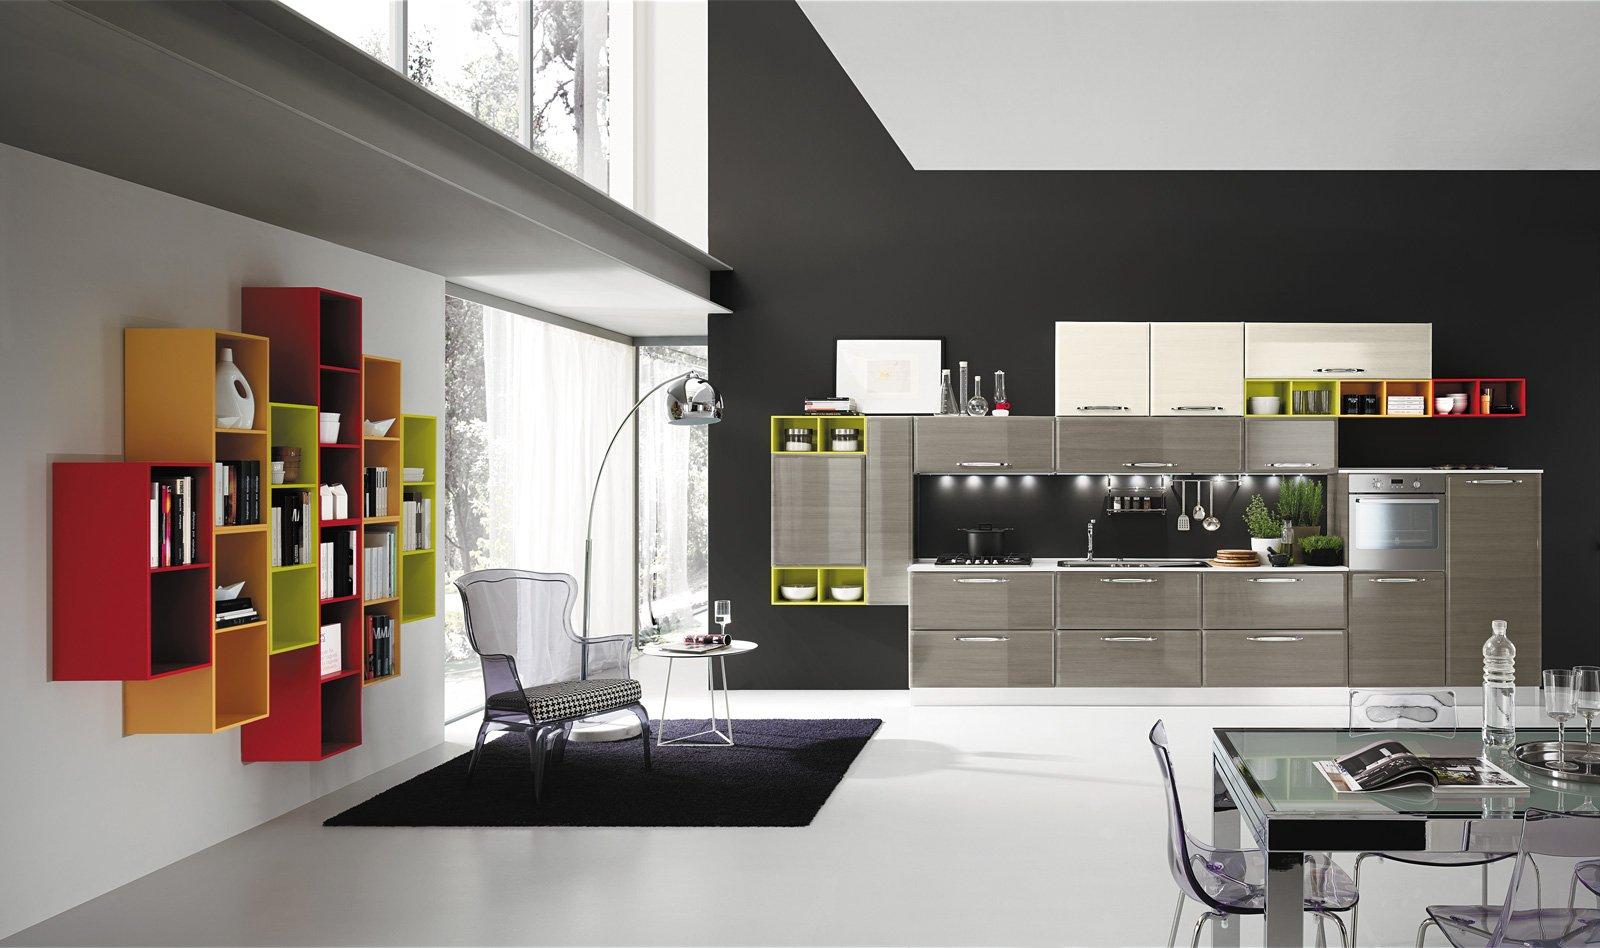 Le pareti e le ante dei mobili in questa cucina sono verniciate con una finitura in. Blog Cucine Su Misura Roma Md Centro Cucine